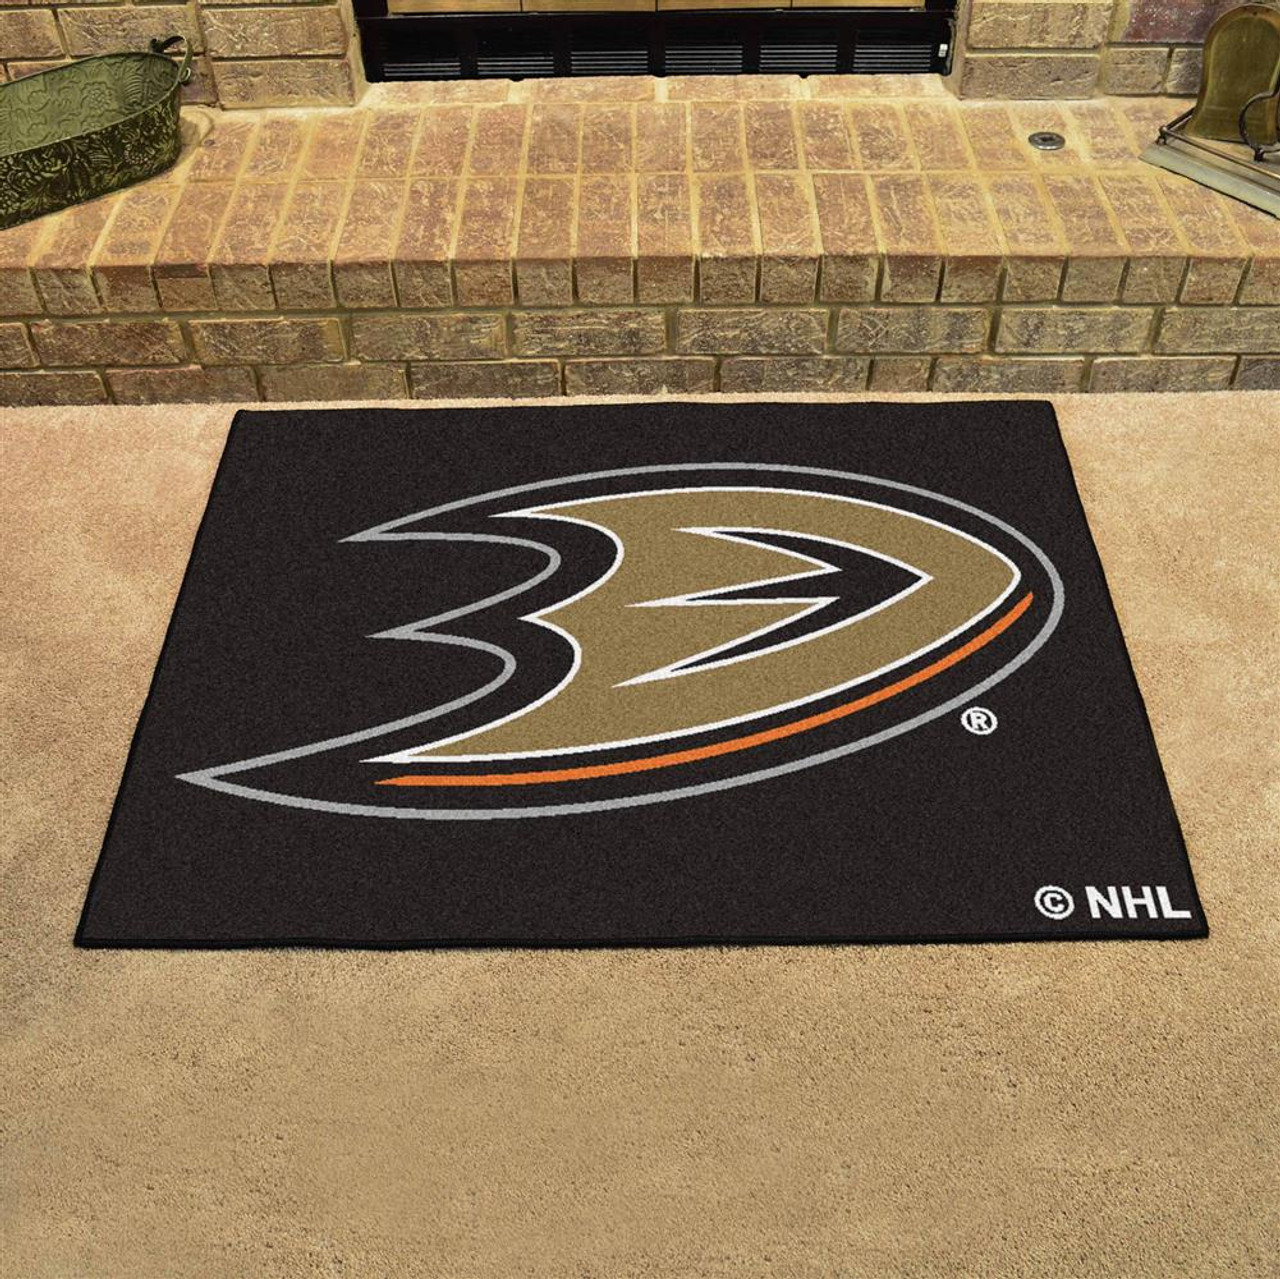 Anaheim Ducks Doormat Carpet Area Rug